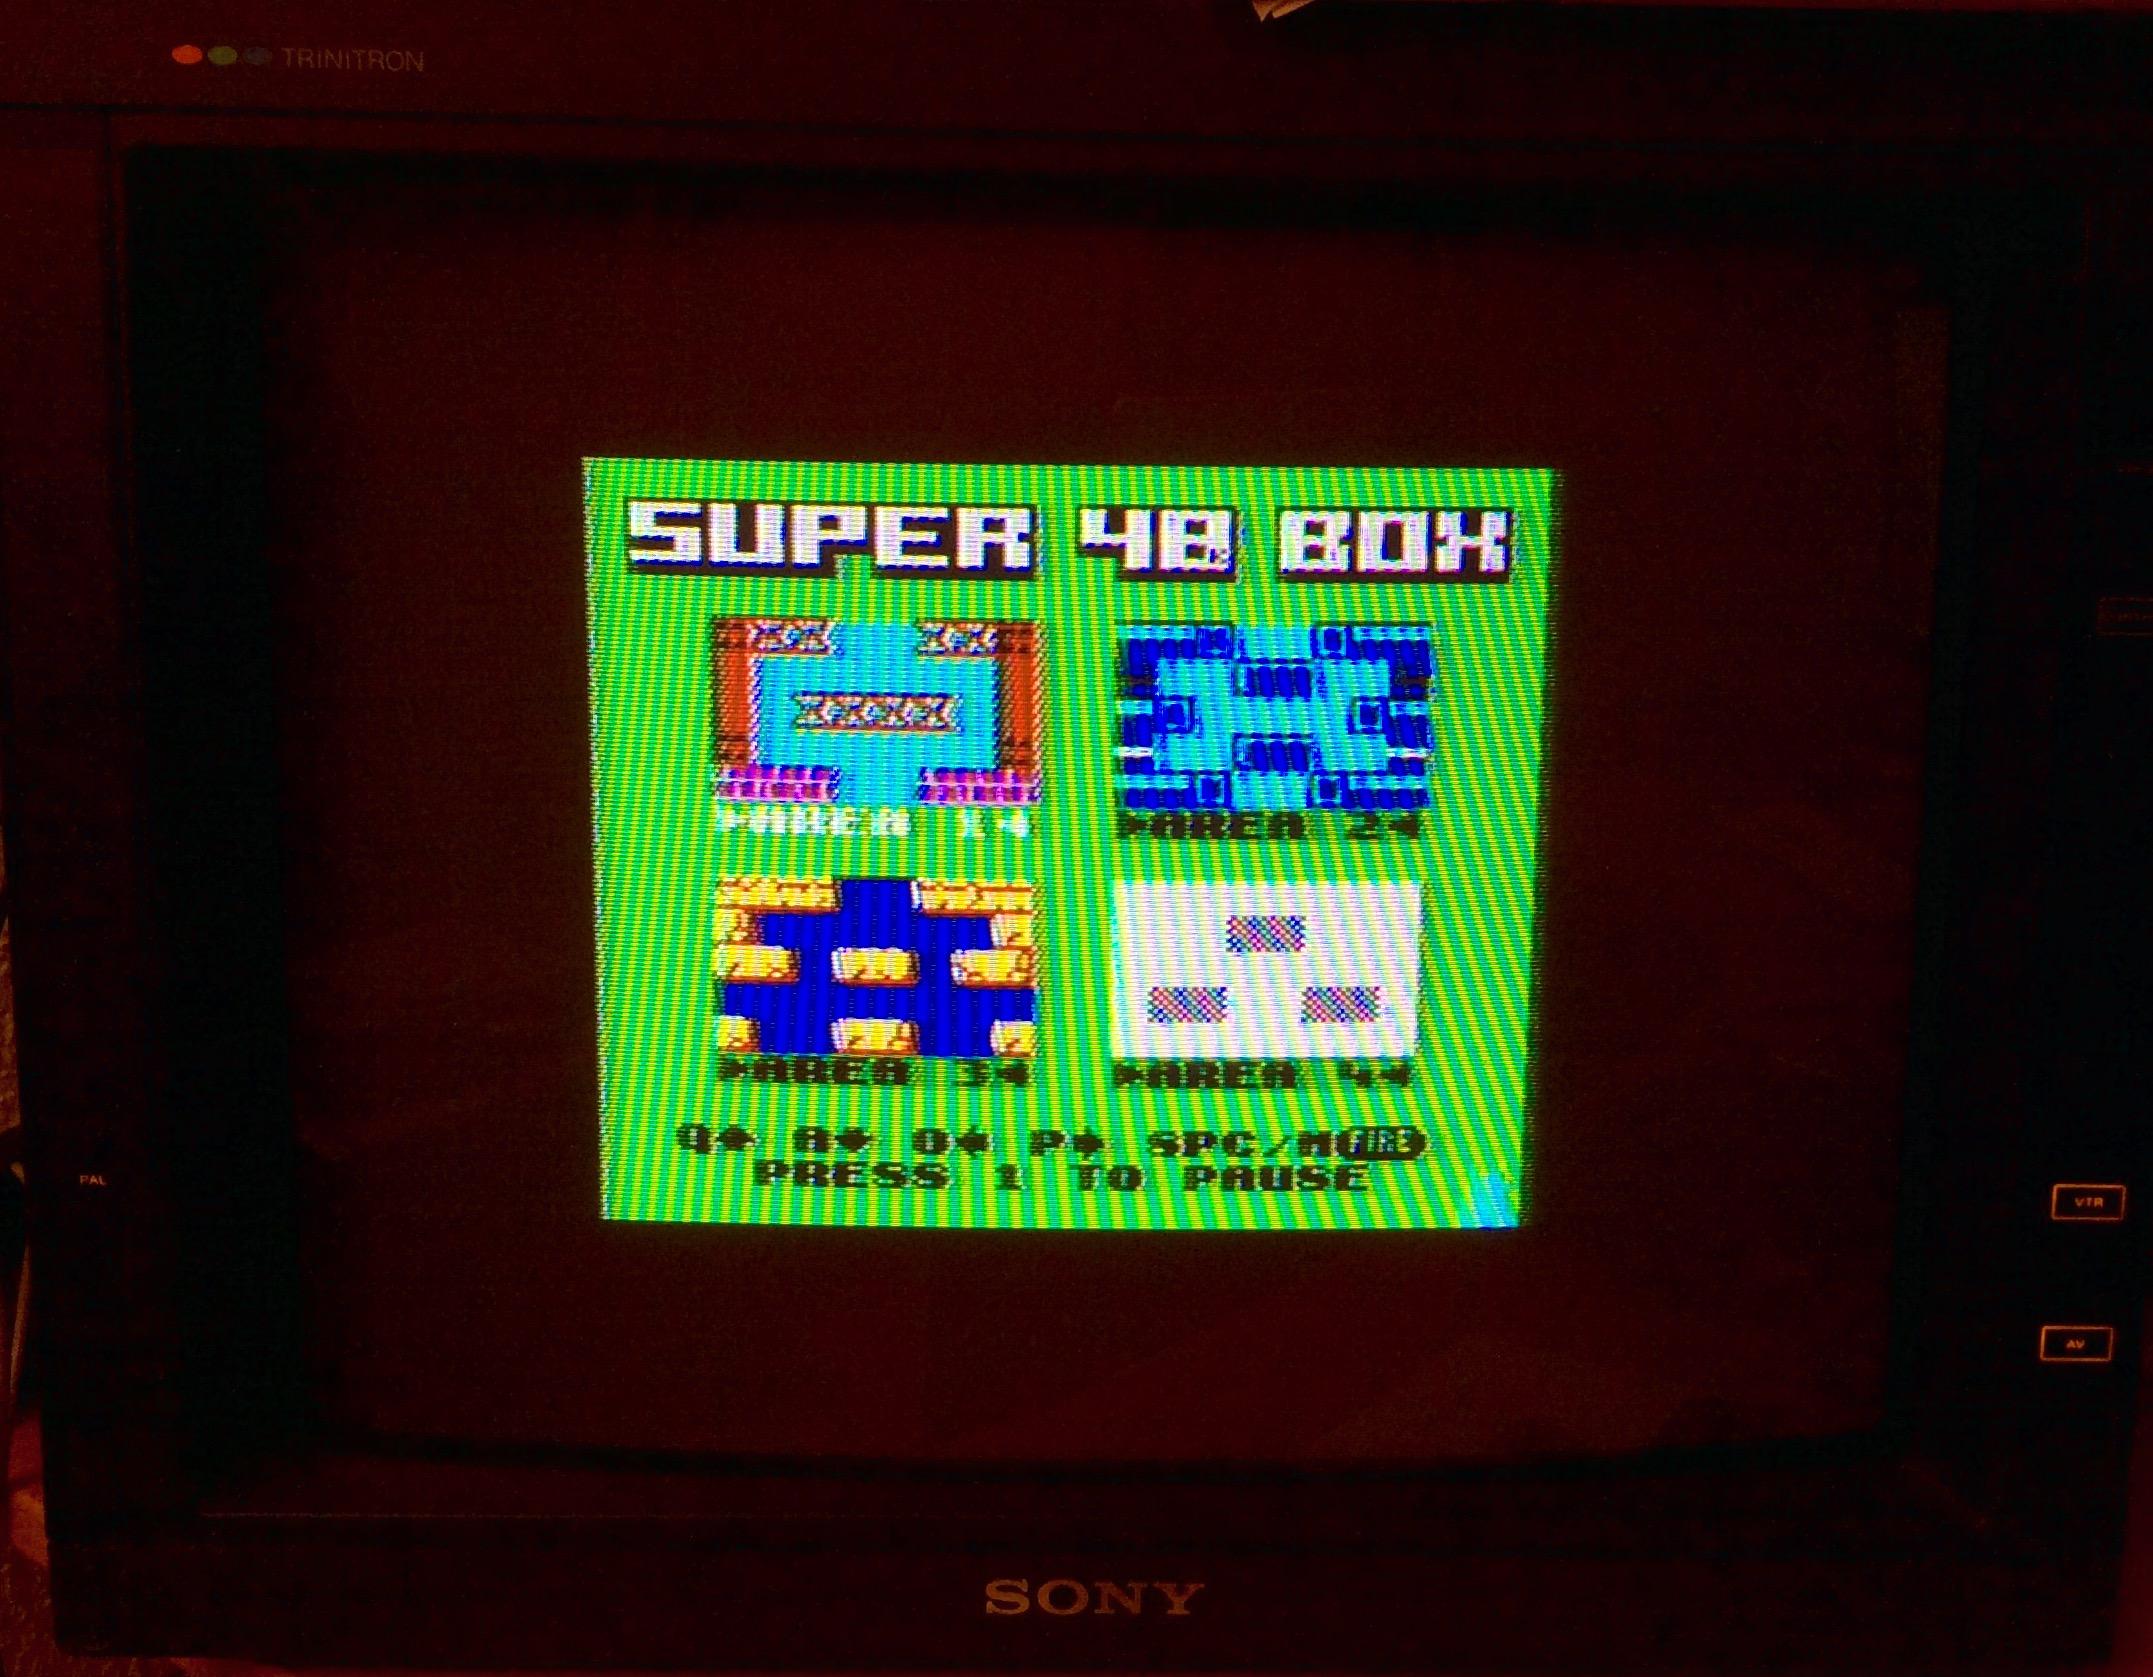 Super 48k Box [Area 2] 19 points